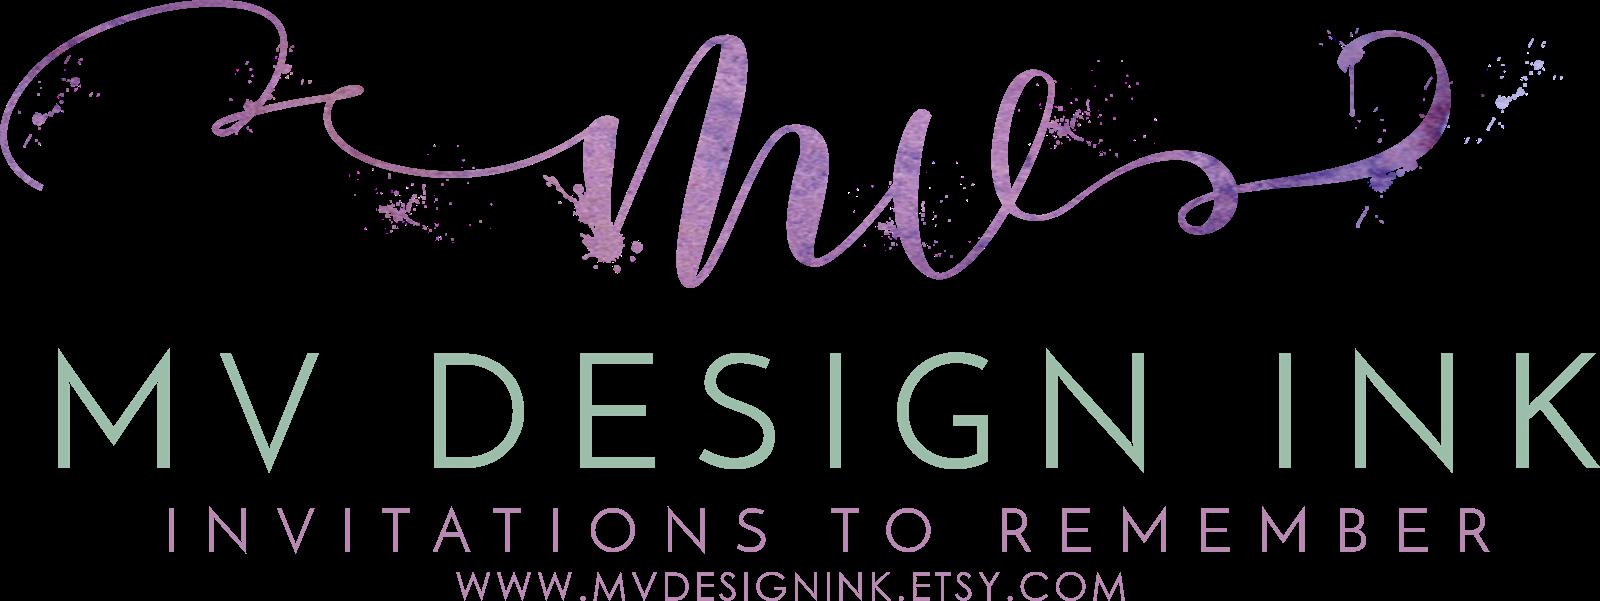 MV Design Ink